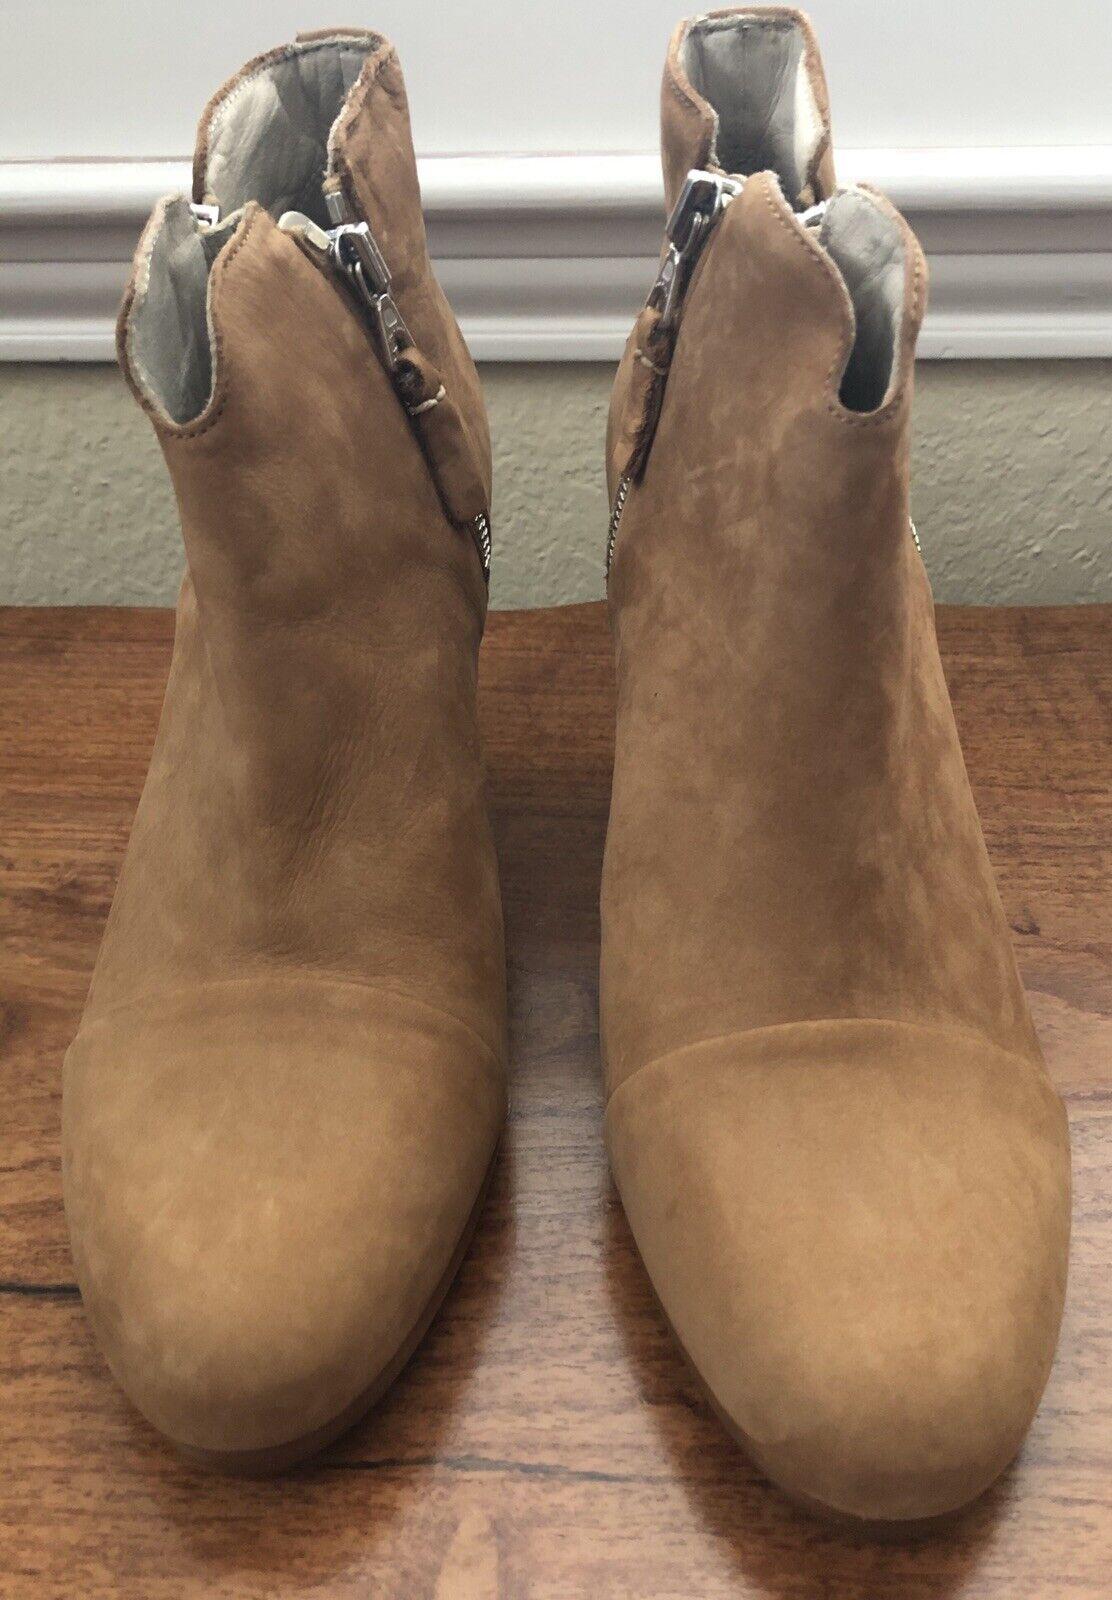 Rag & 100% Bone Margot Stiefel- Brand New, 100% & Authentic - Größe 9M - Camel Nubuck 78037c